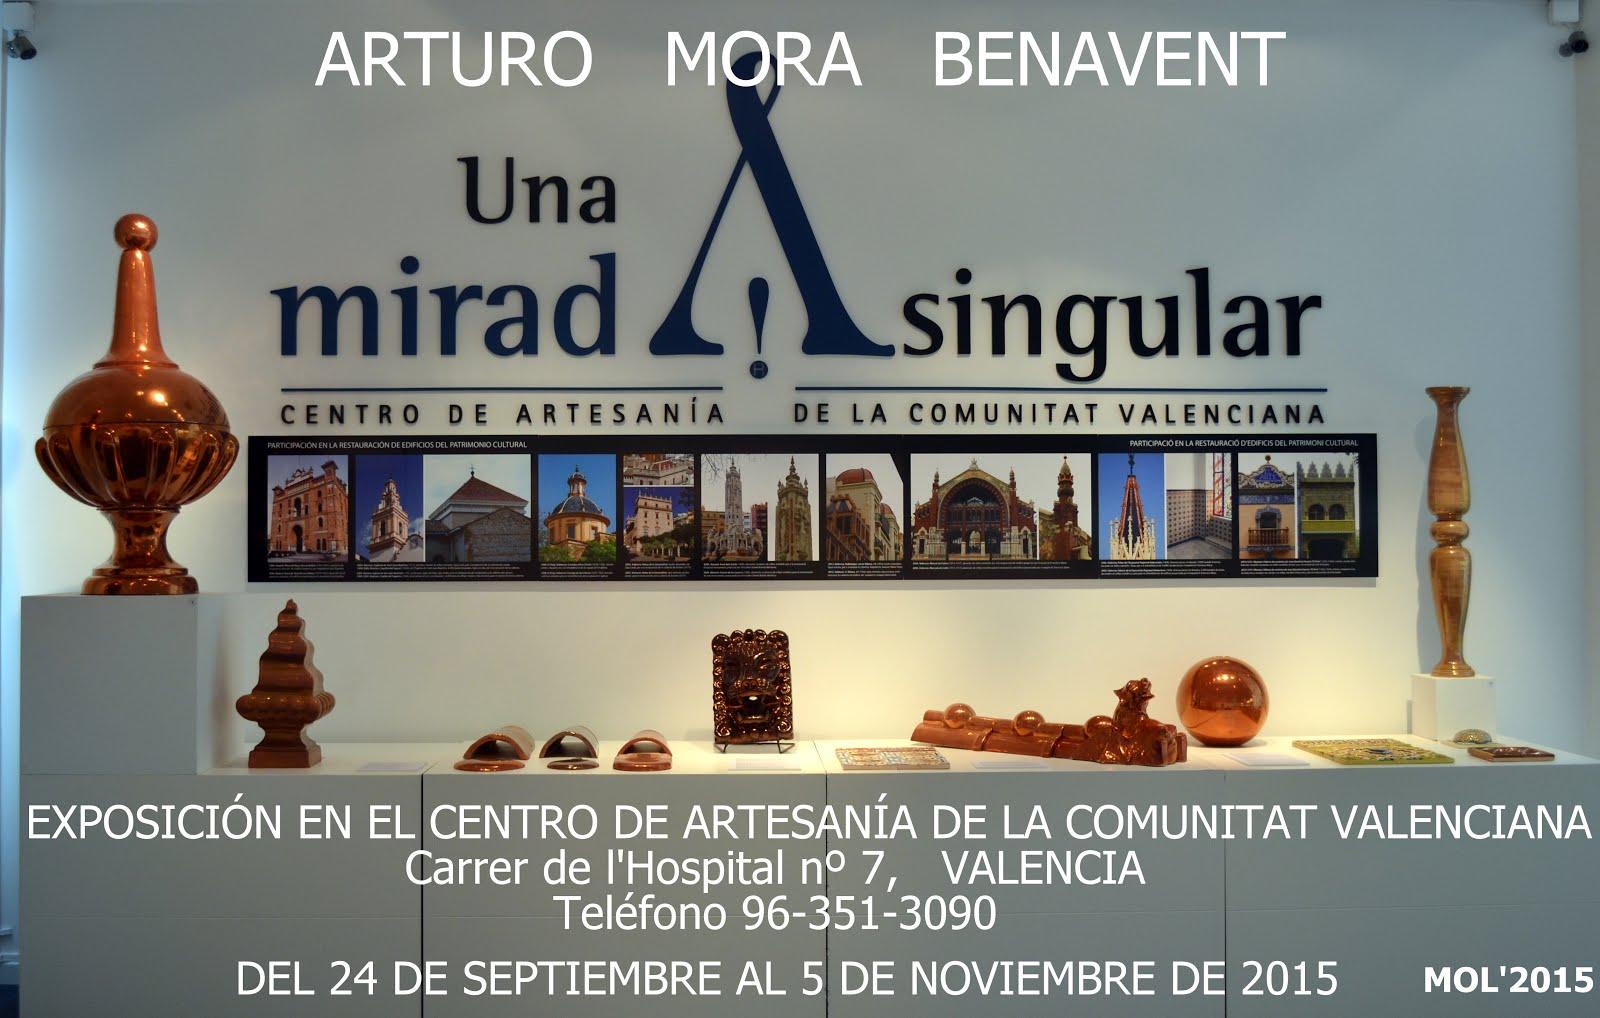 06.10.15 EXPOSICIÓN DE ARTURO MORA EN EL CENTRO DE ARTESANÍA EN VALENCIA